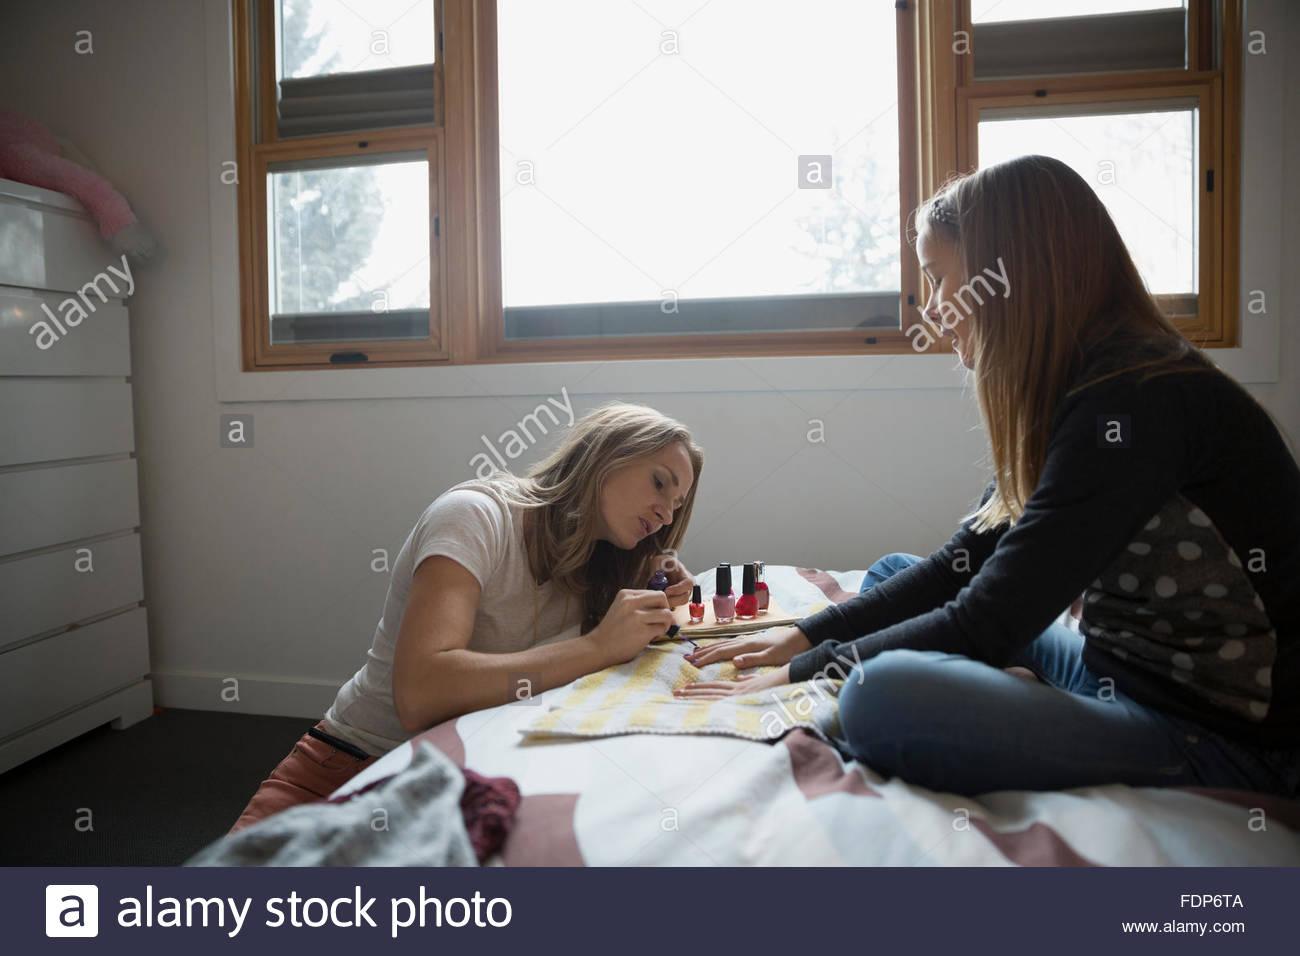 Pittura madre figlie le unghie sul letto Immagini Stock